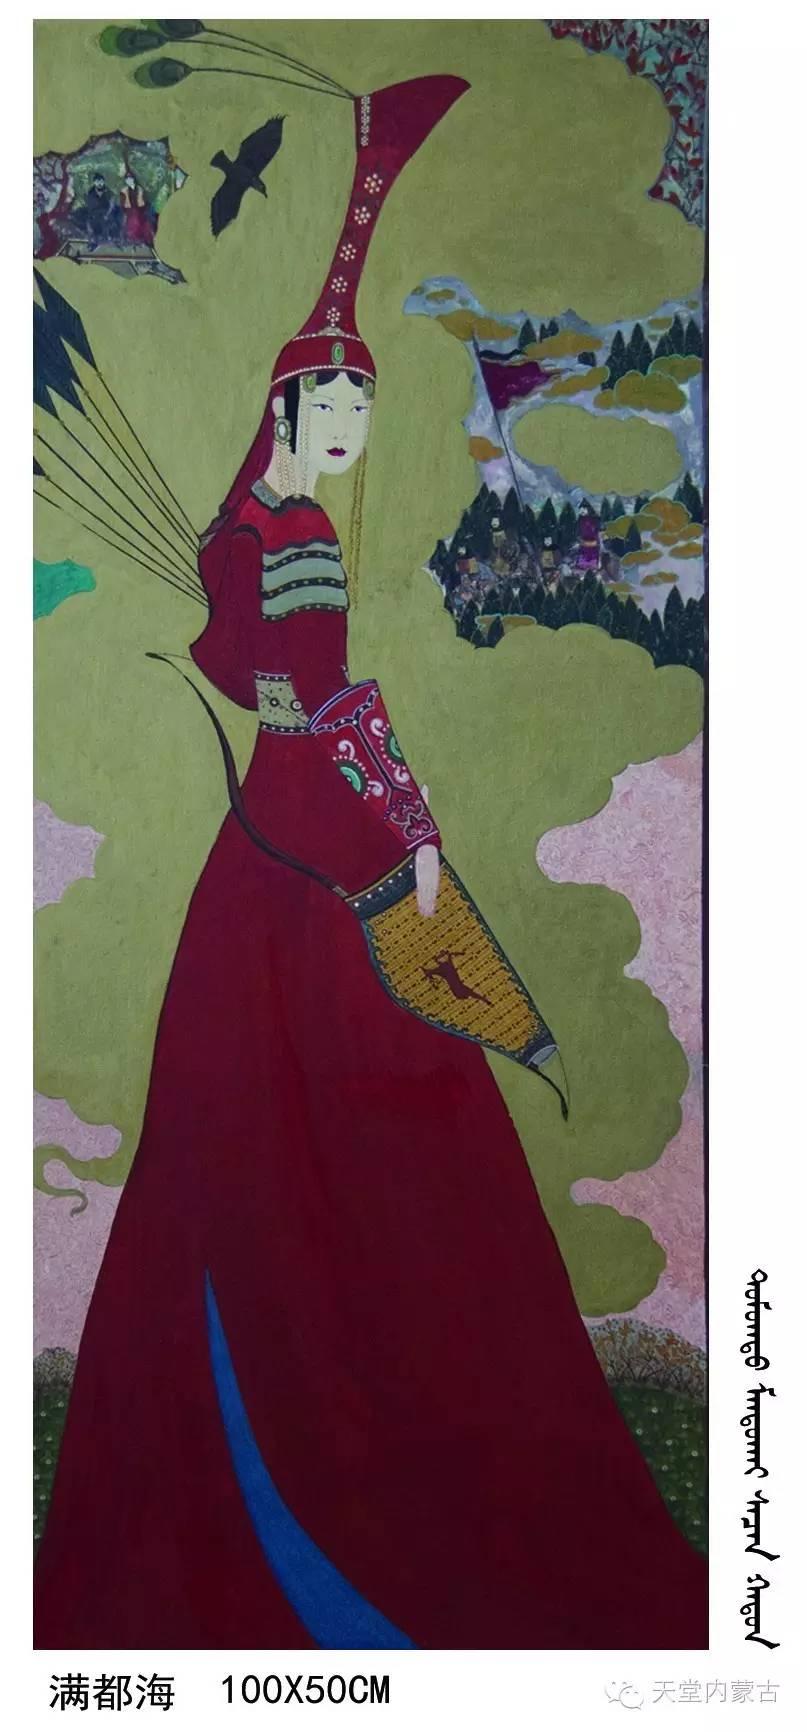 🔴内蒙古蒙古画艺术家乌云额尔德尼《故乡的呼唤》个人艺术展 第15张 🔴内蒙古蒙古画艺术家乌云额尔德尼《故乡的呼唤》个人艺术展 蒙古画廊